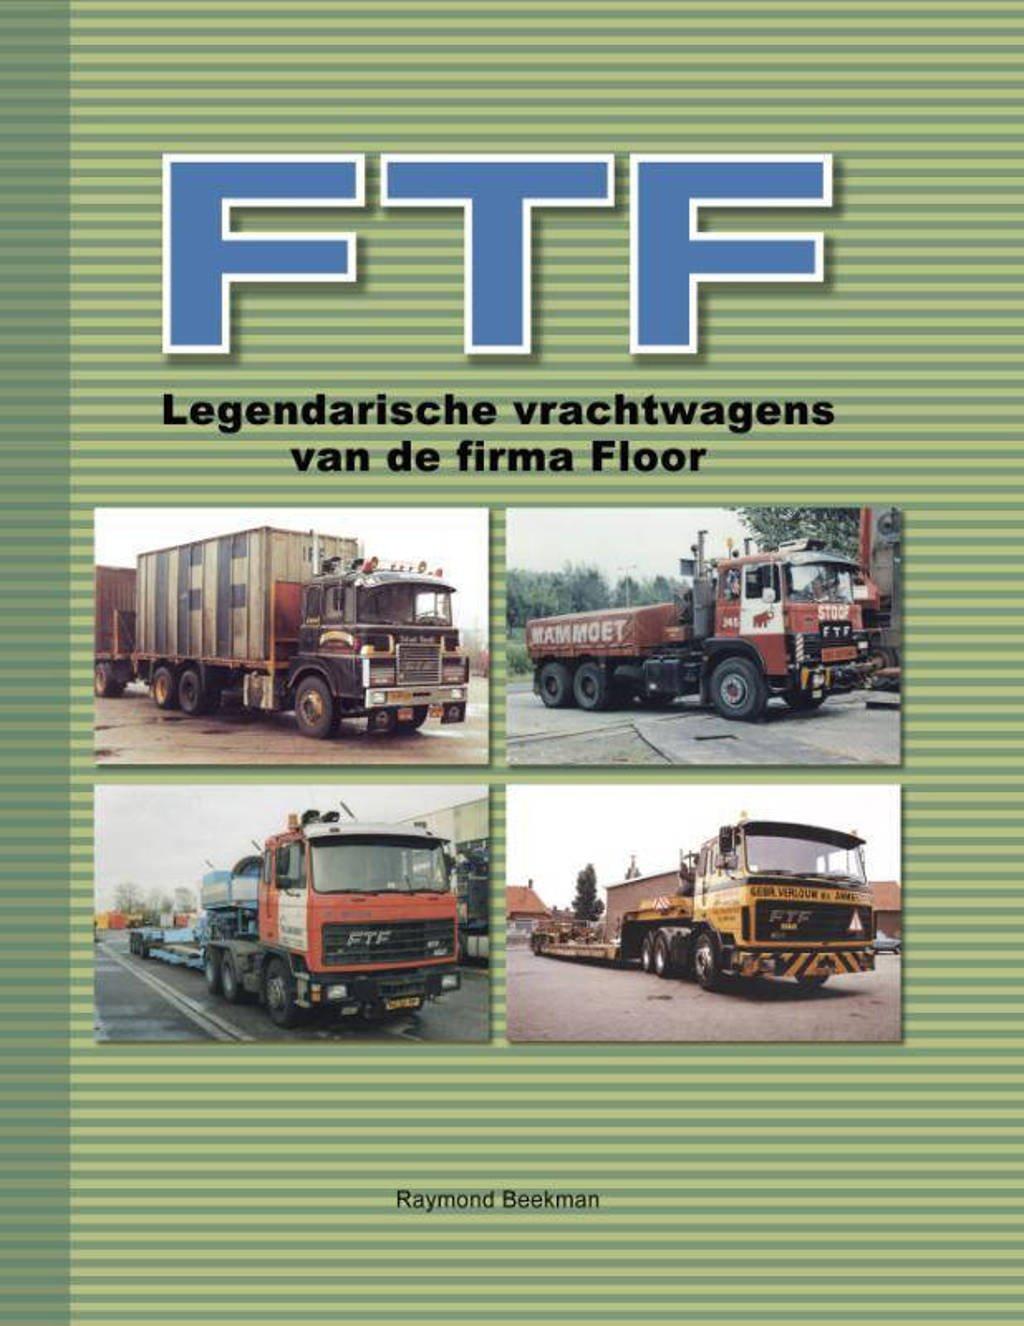 FTF, legendarische vrachtwagens van de firma Floor - Raymond Beekman